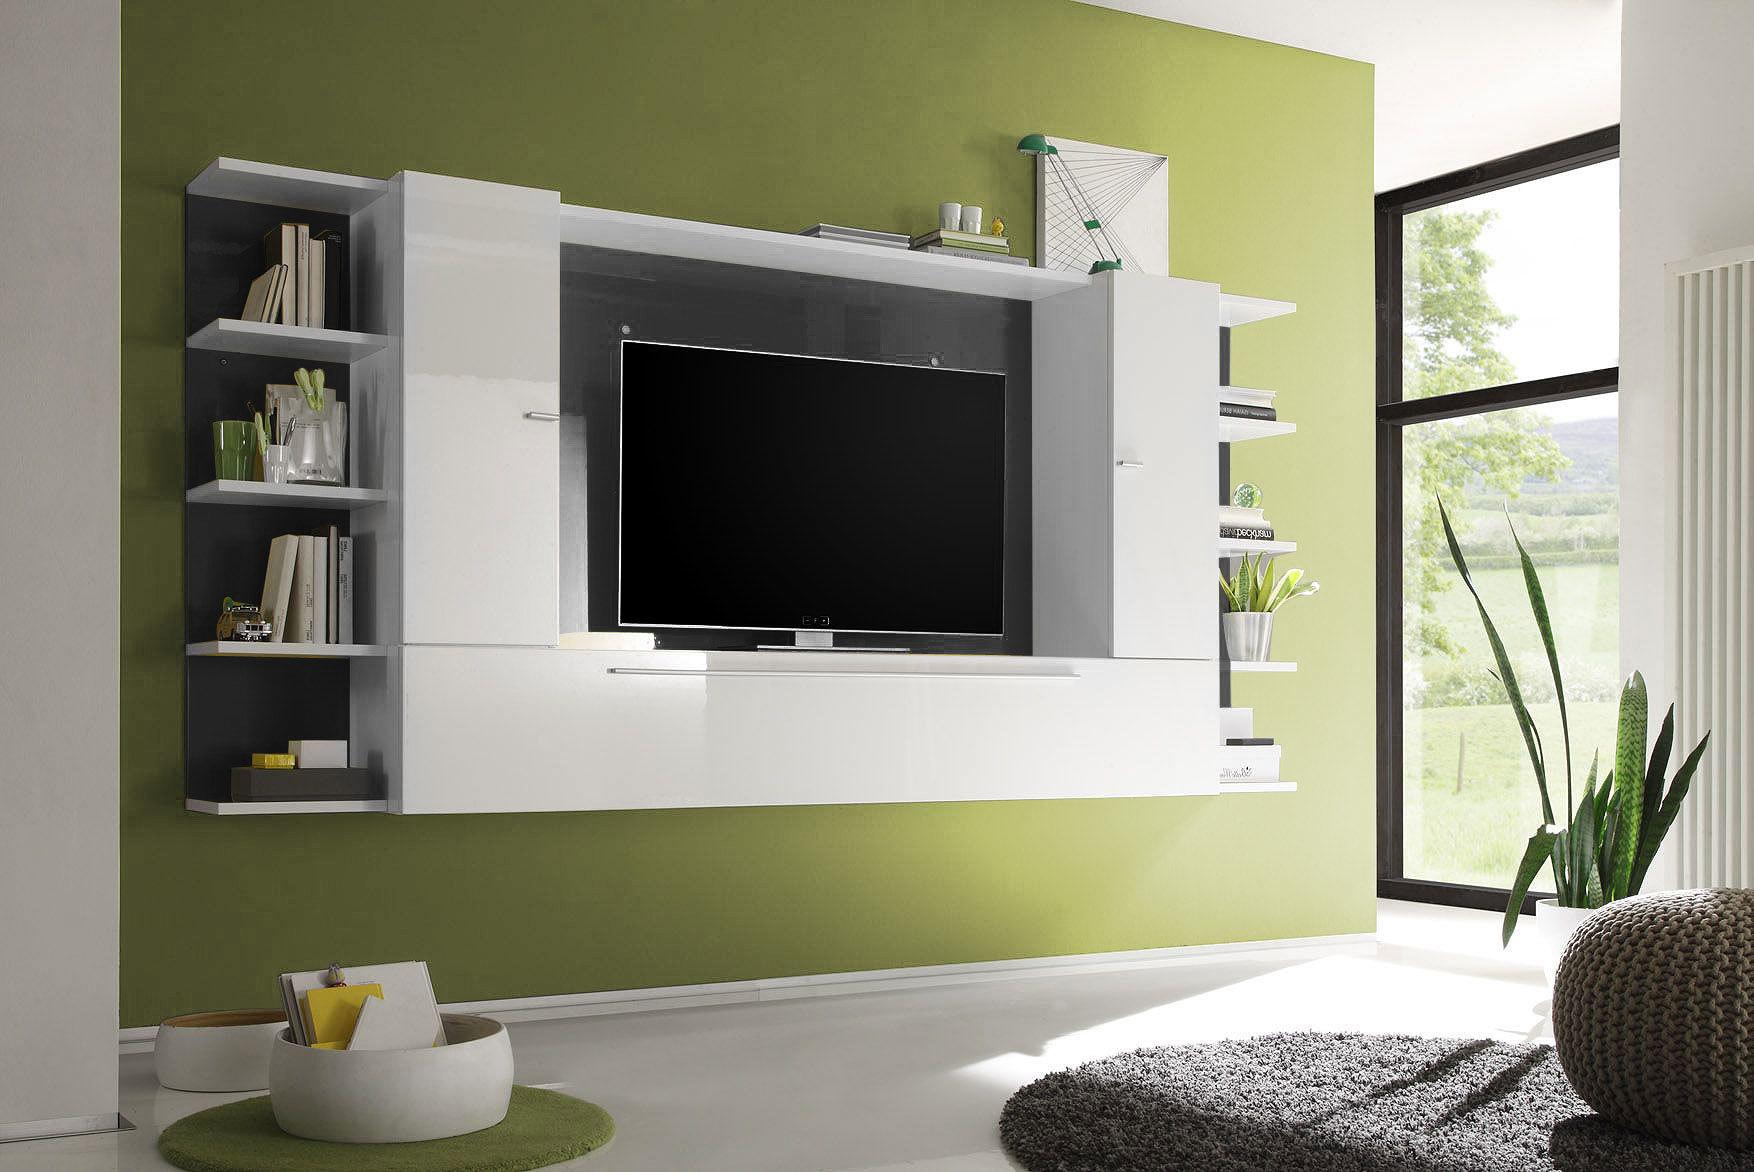 Mobile porta tv a parete design bianco e grigio scuro xenon miliboo